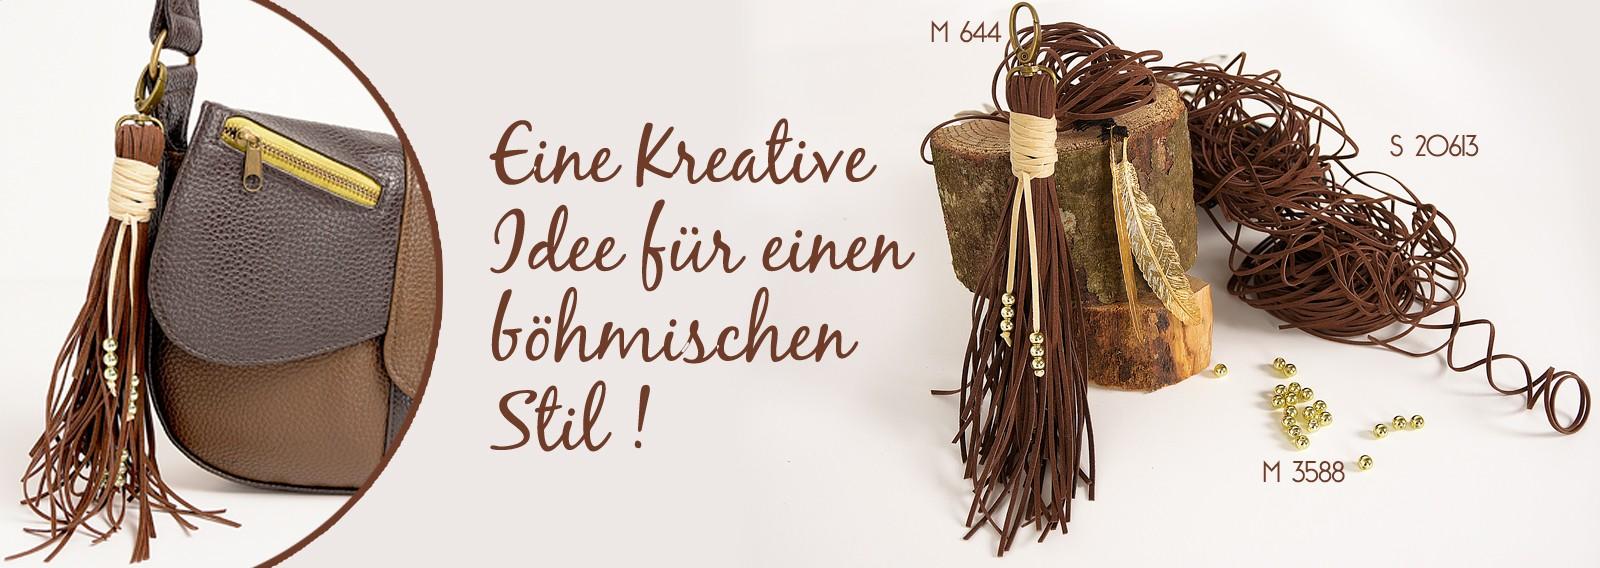 Eine Kreative Idee für einen böhmischen Stil !